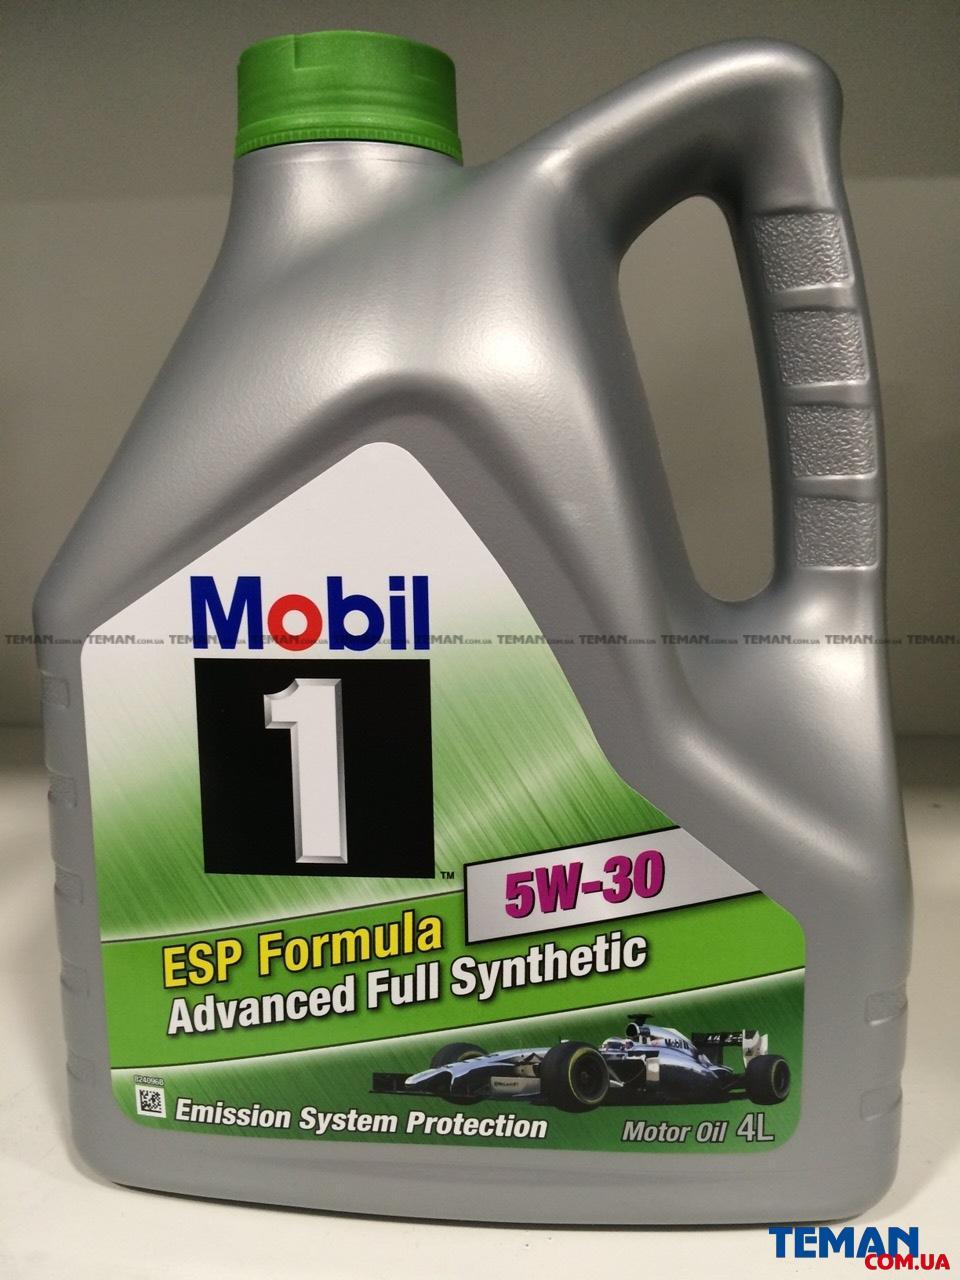 Масло моторное синтетическое 1 ESP Formula 5W-30, 4л